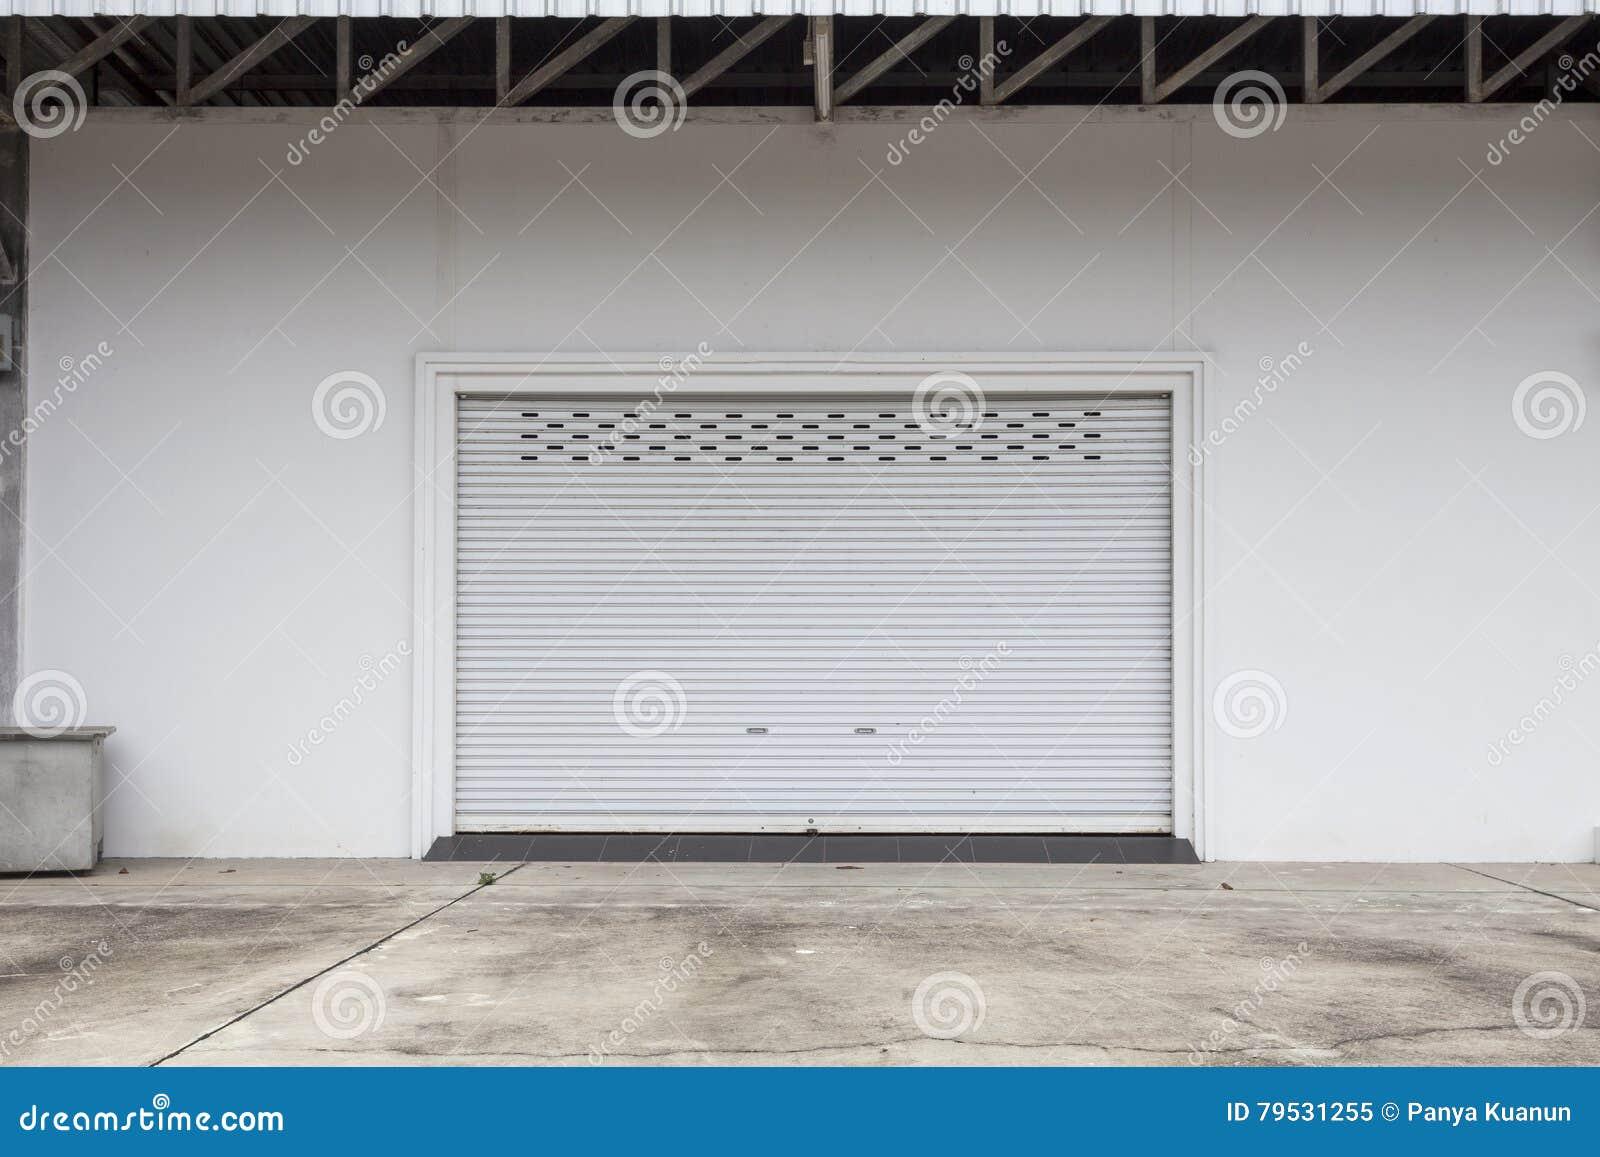 Leere Garage Mit Fensterladentur Oder Rolltor Und Konkreter Boden